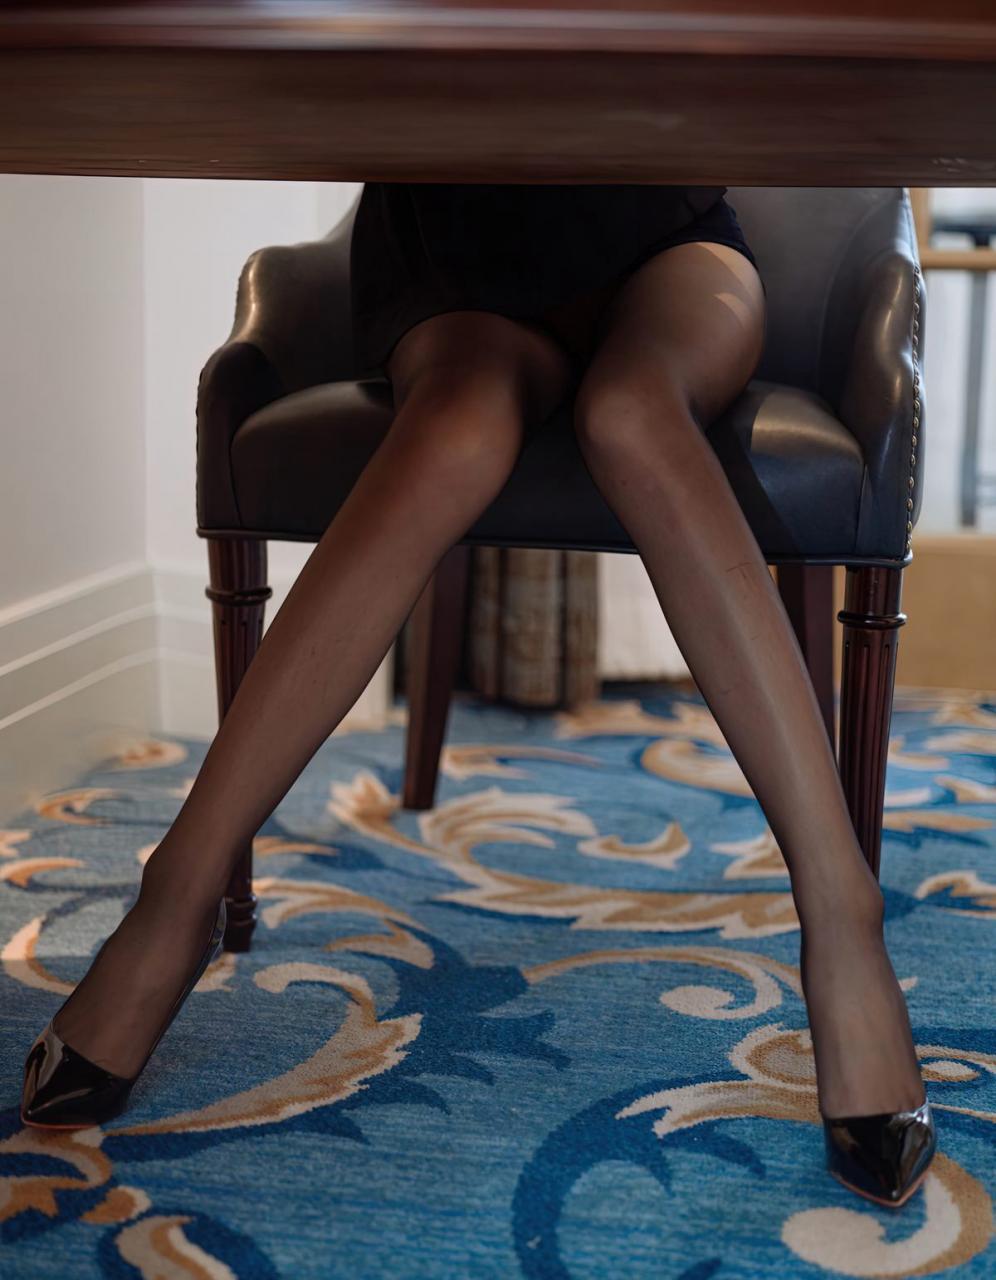 周于希宅男女神风骚秘书制服黑丝袜高跟性感美臀裸胸美女